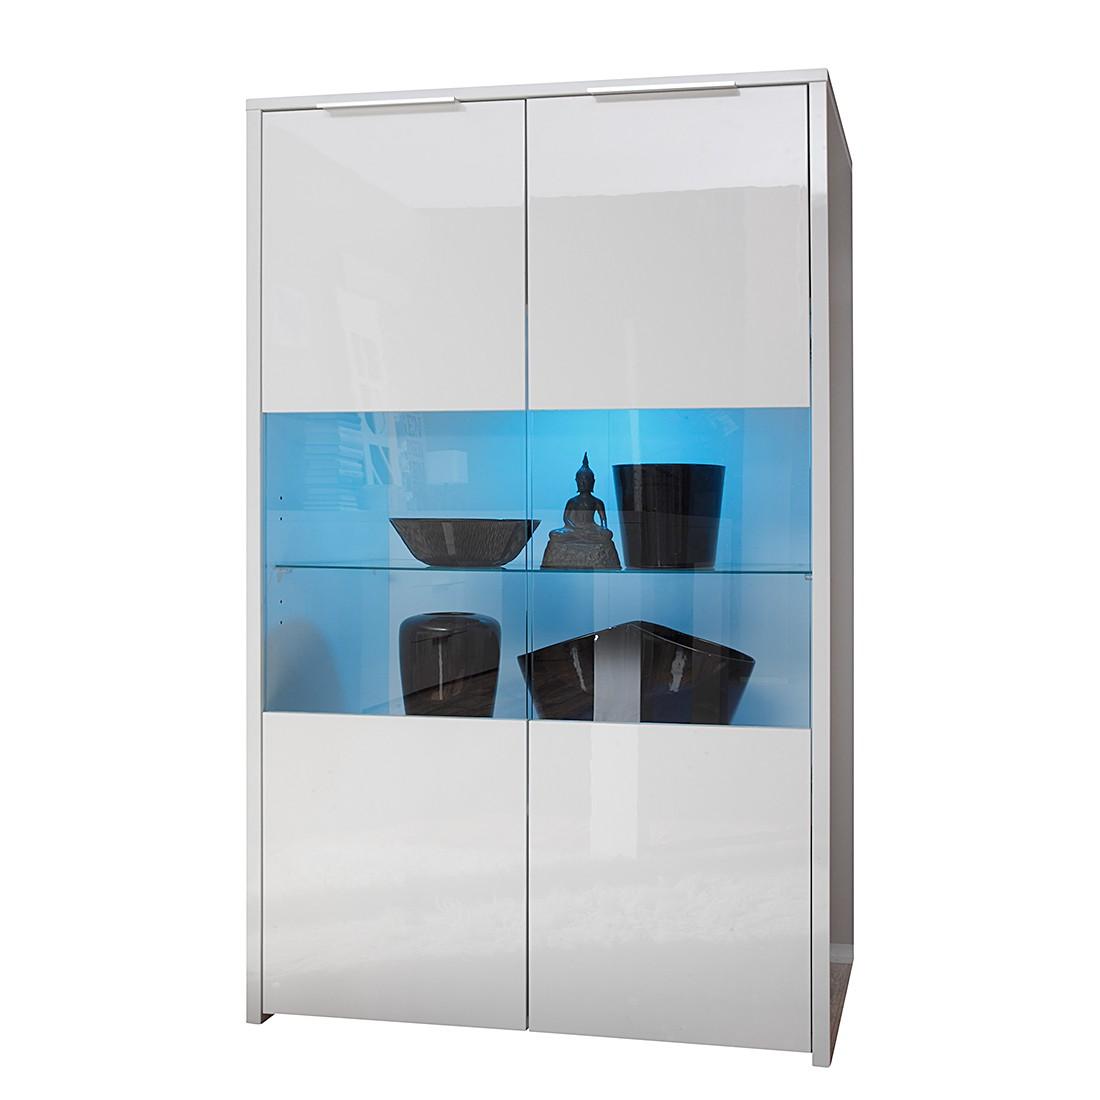 energie A+, Highboard Elianto II hoogglans wit Met verlichting, Lc Mobili